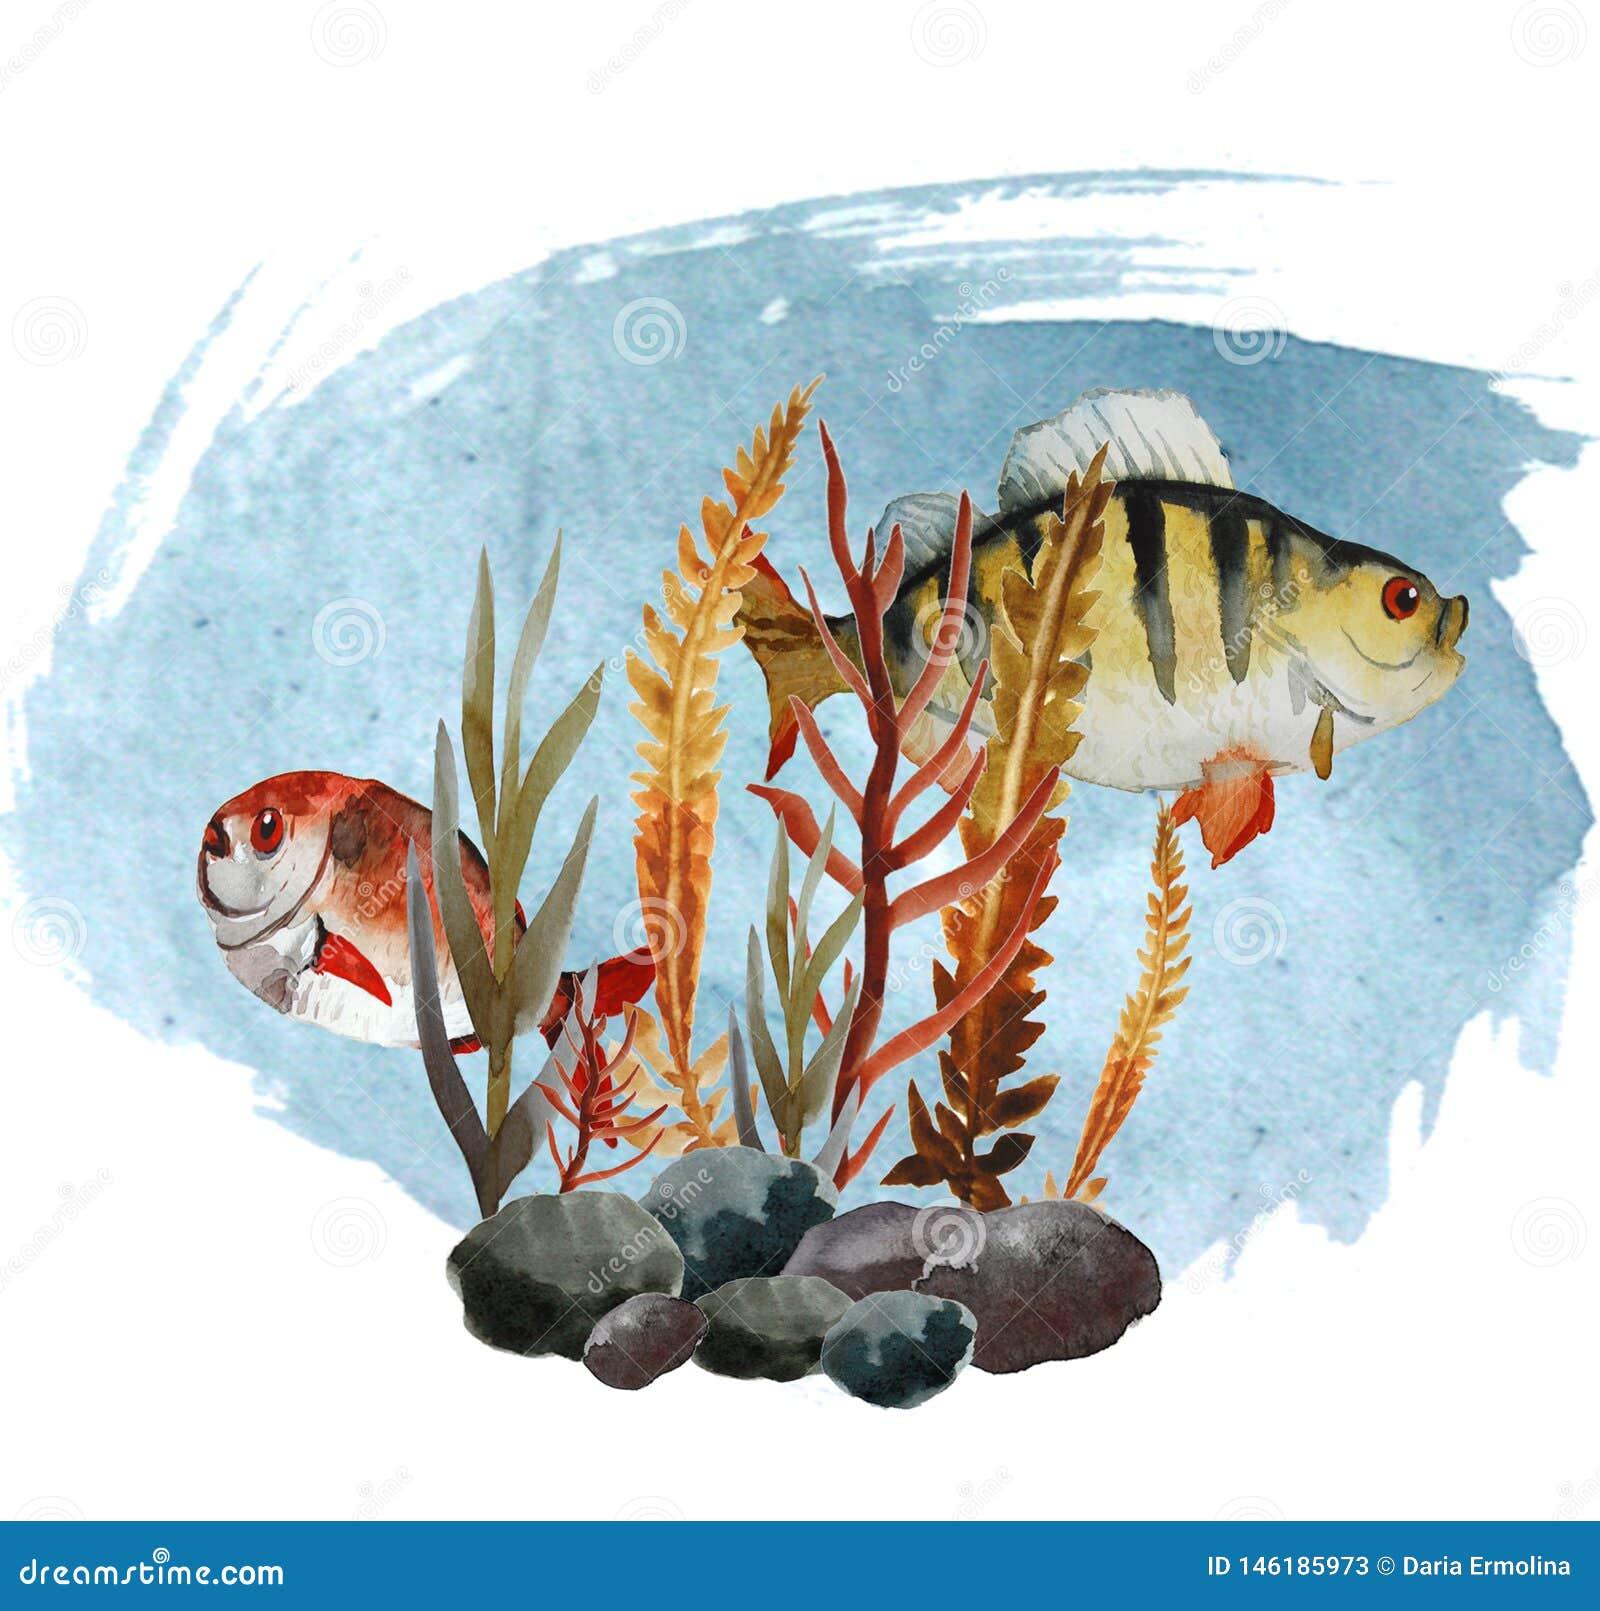 Illustratie met riviervissen